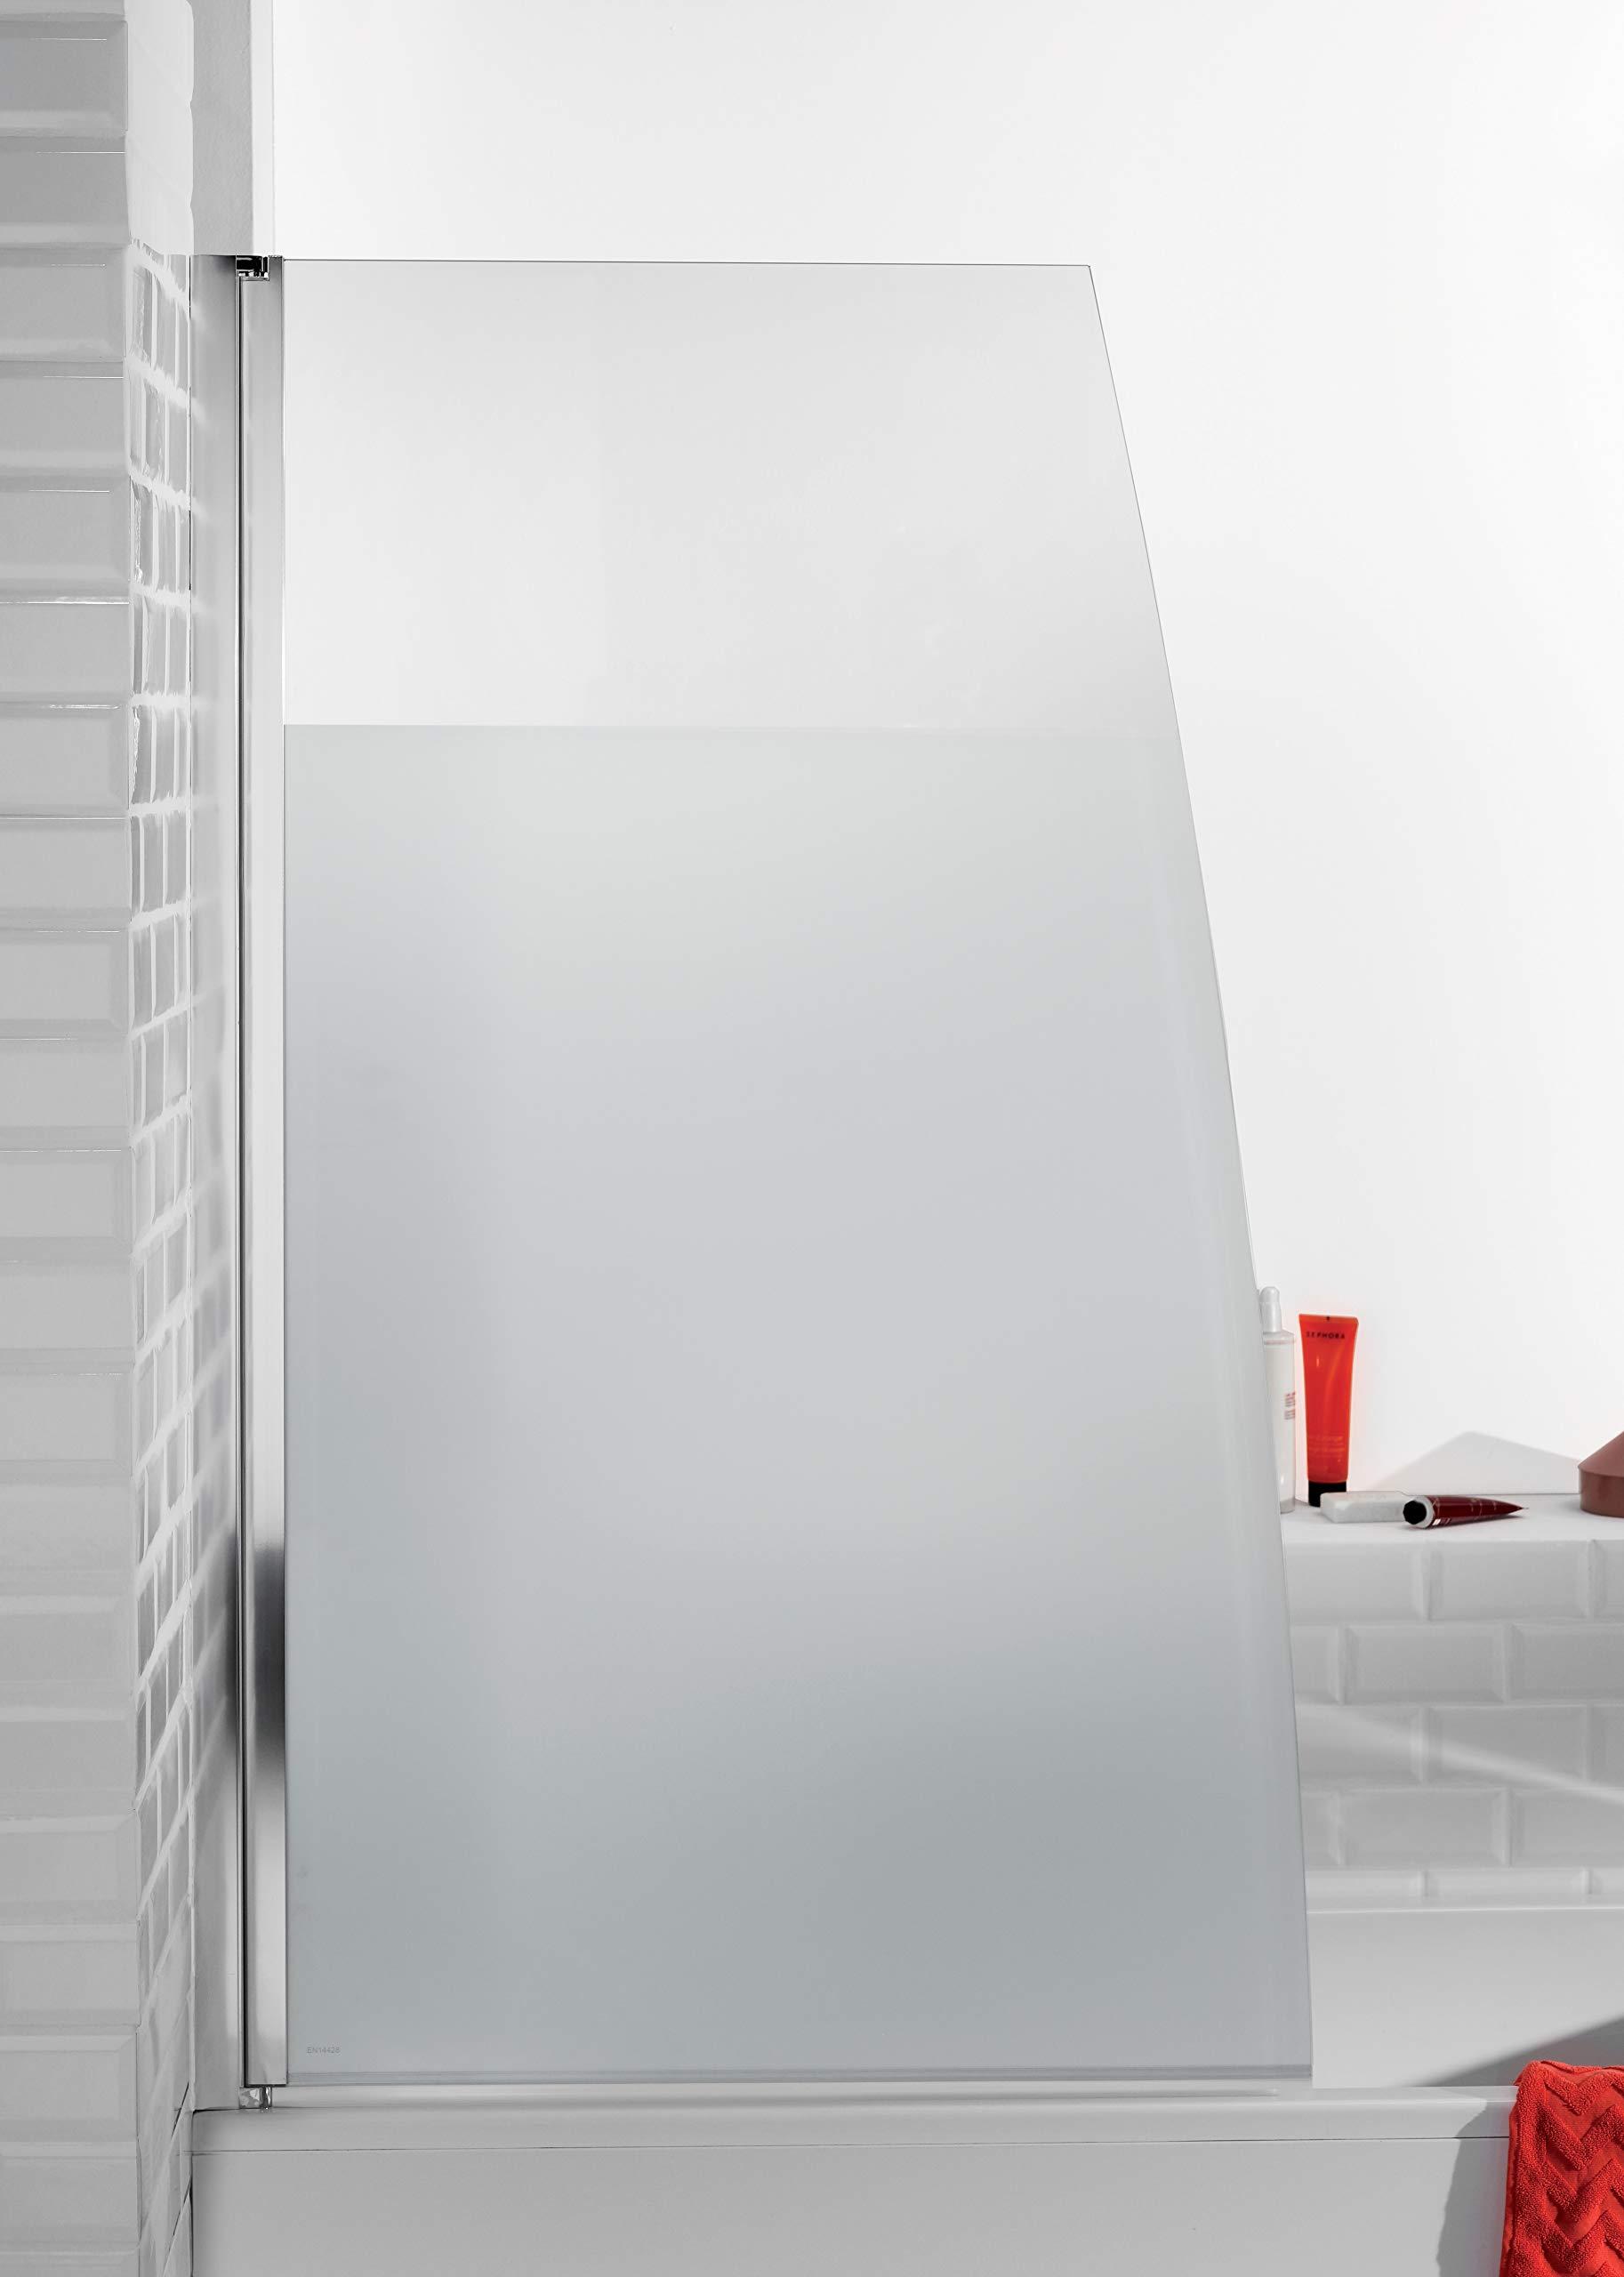 Jacob delafon serenity - Mampara bañera cromo gris anodizado ...